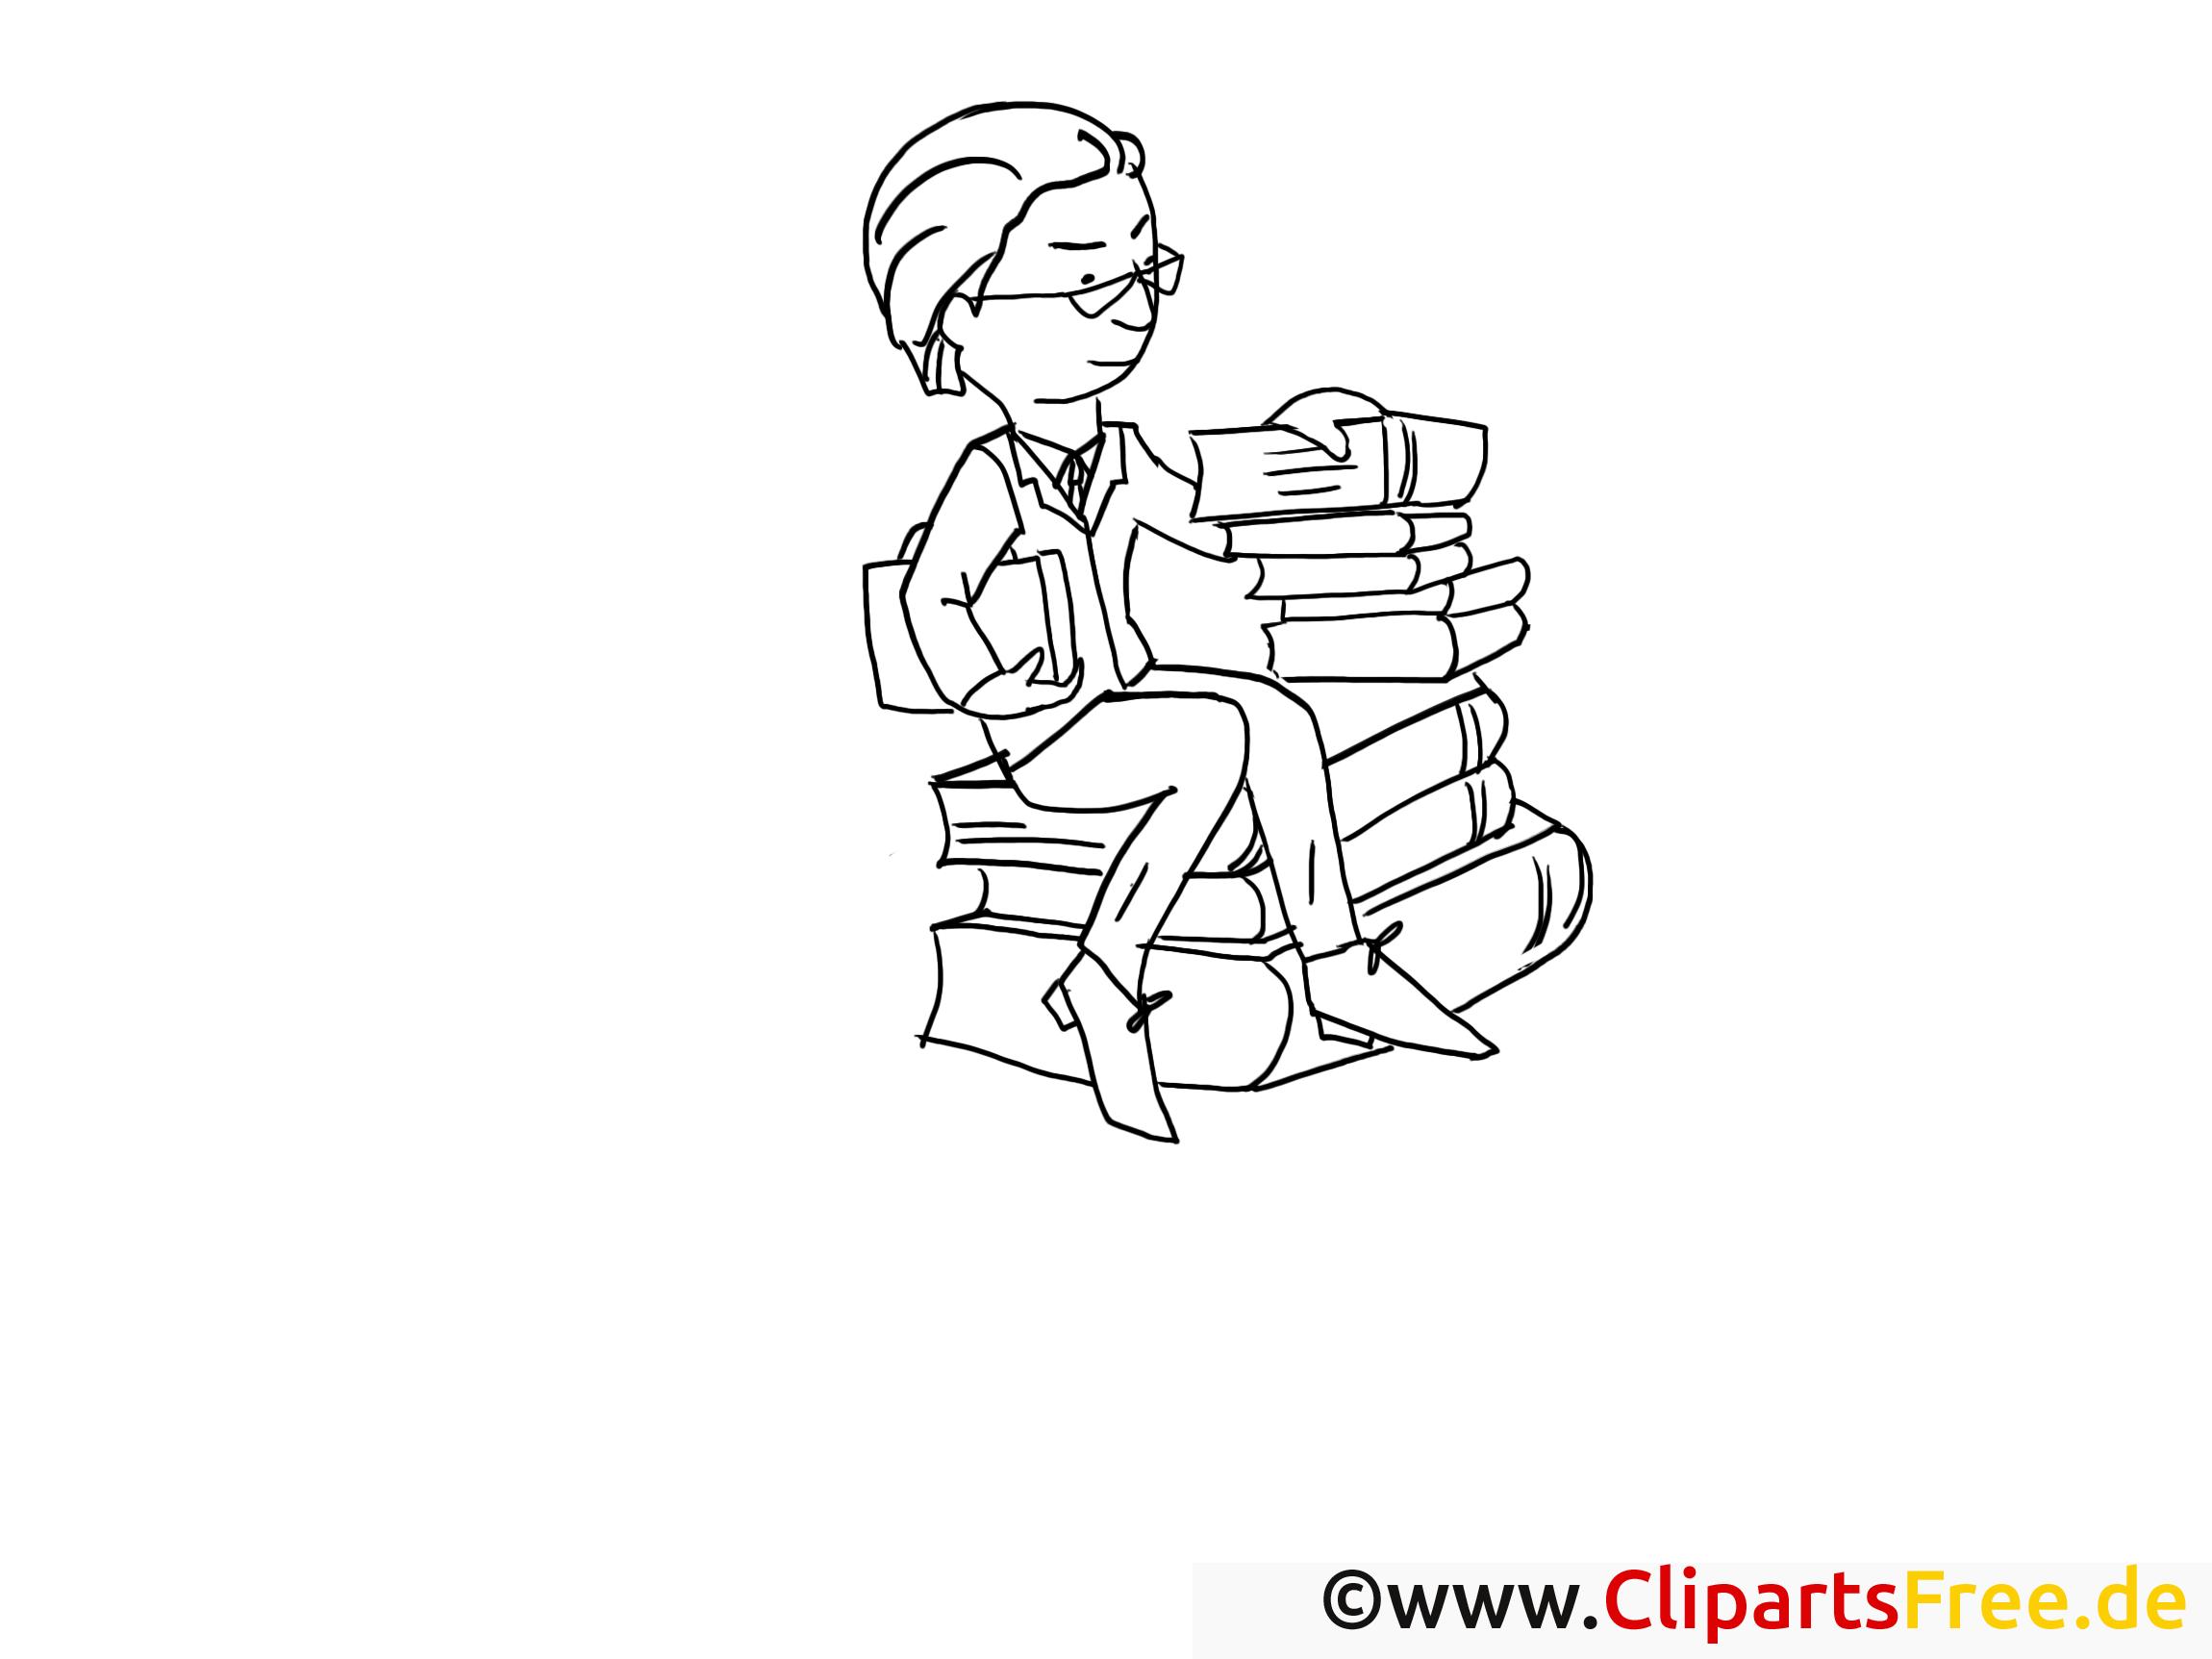 Rapports dessin gratuit travail colorier travail - Coloriage travail ...